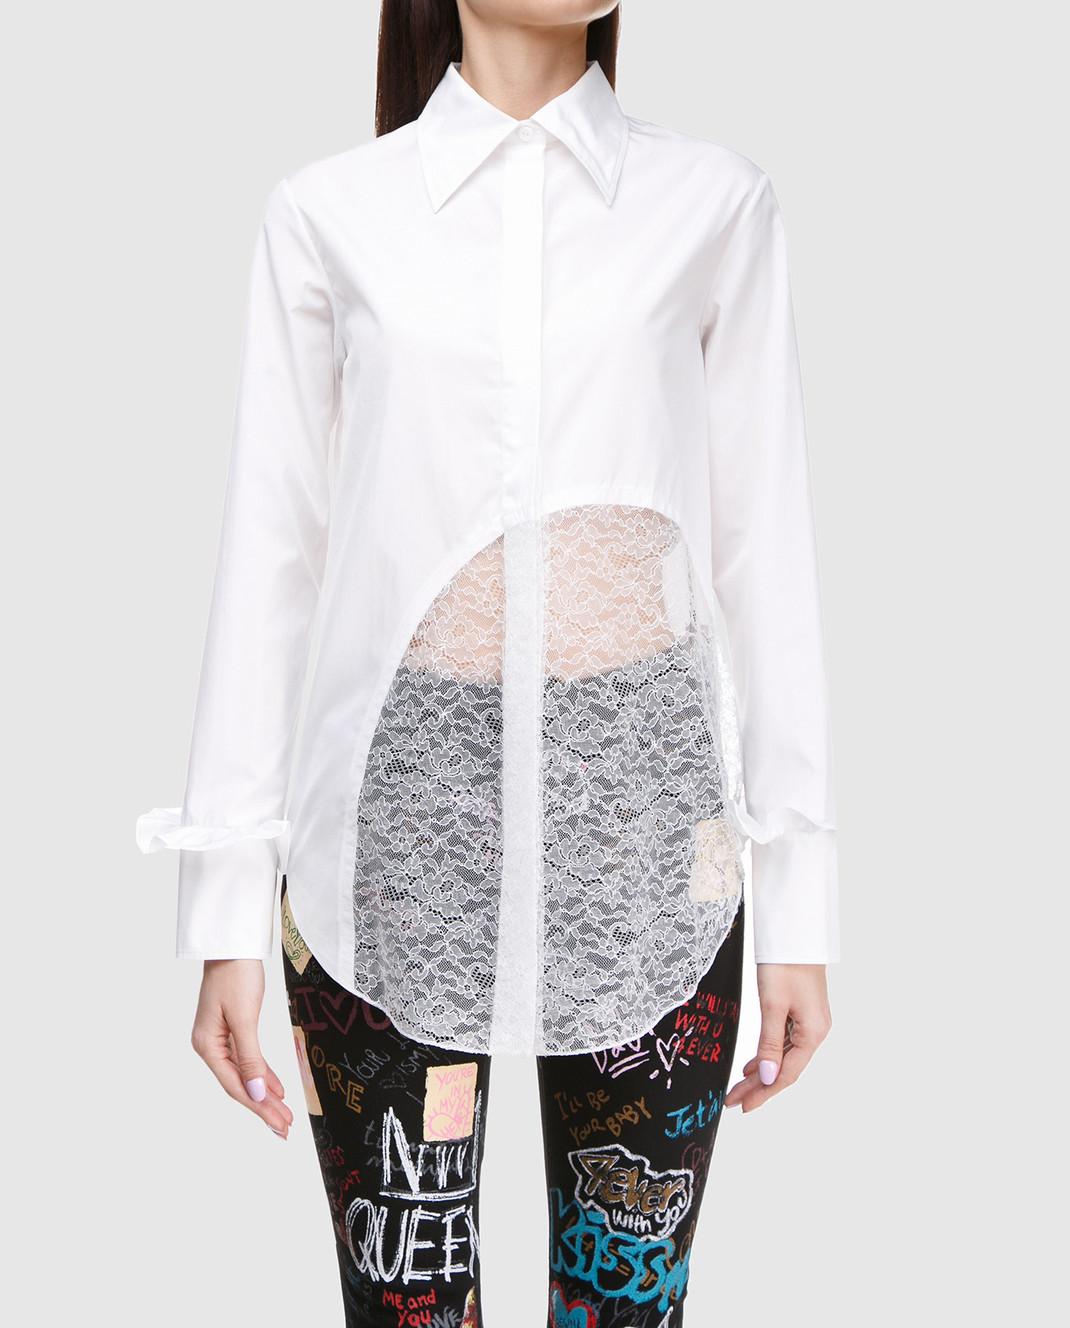 NINA RICCI Белая рубашка с кружевом 17ACT0027C00844 изображение 3